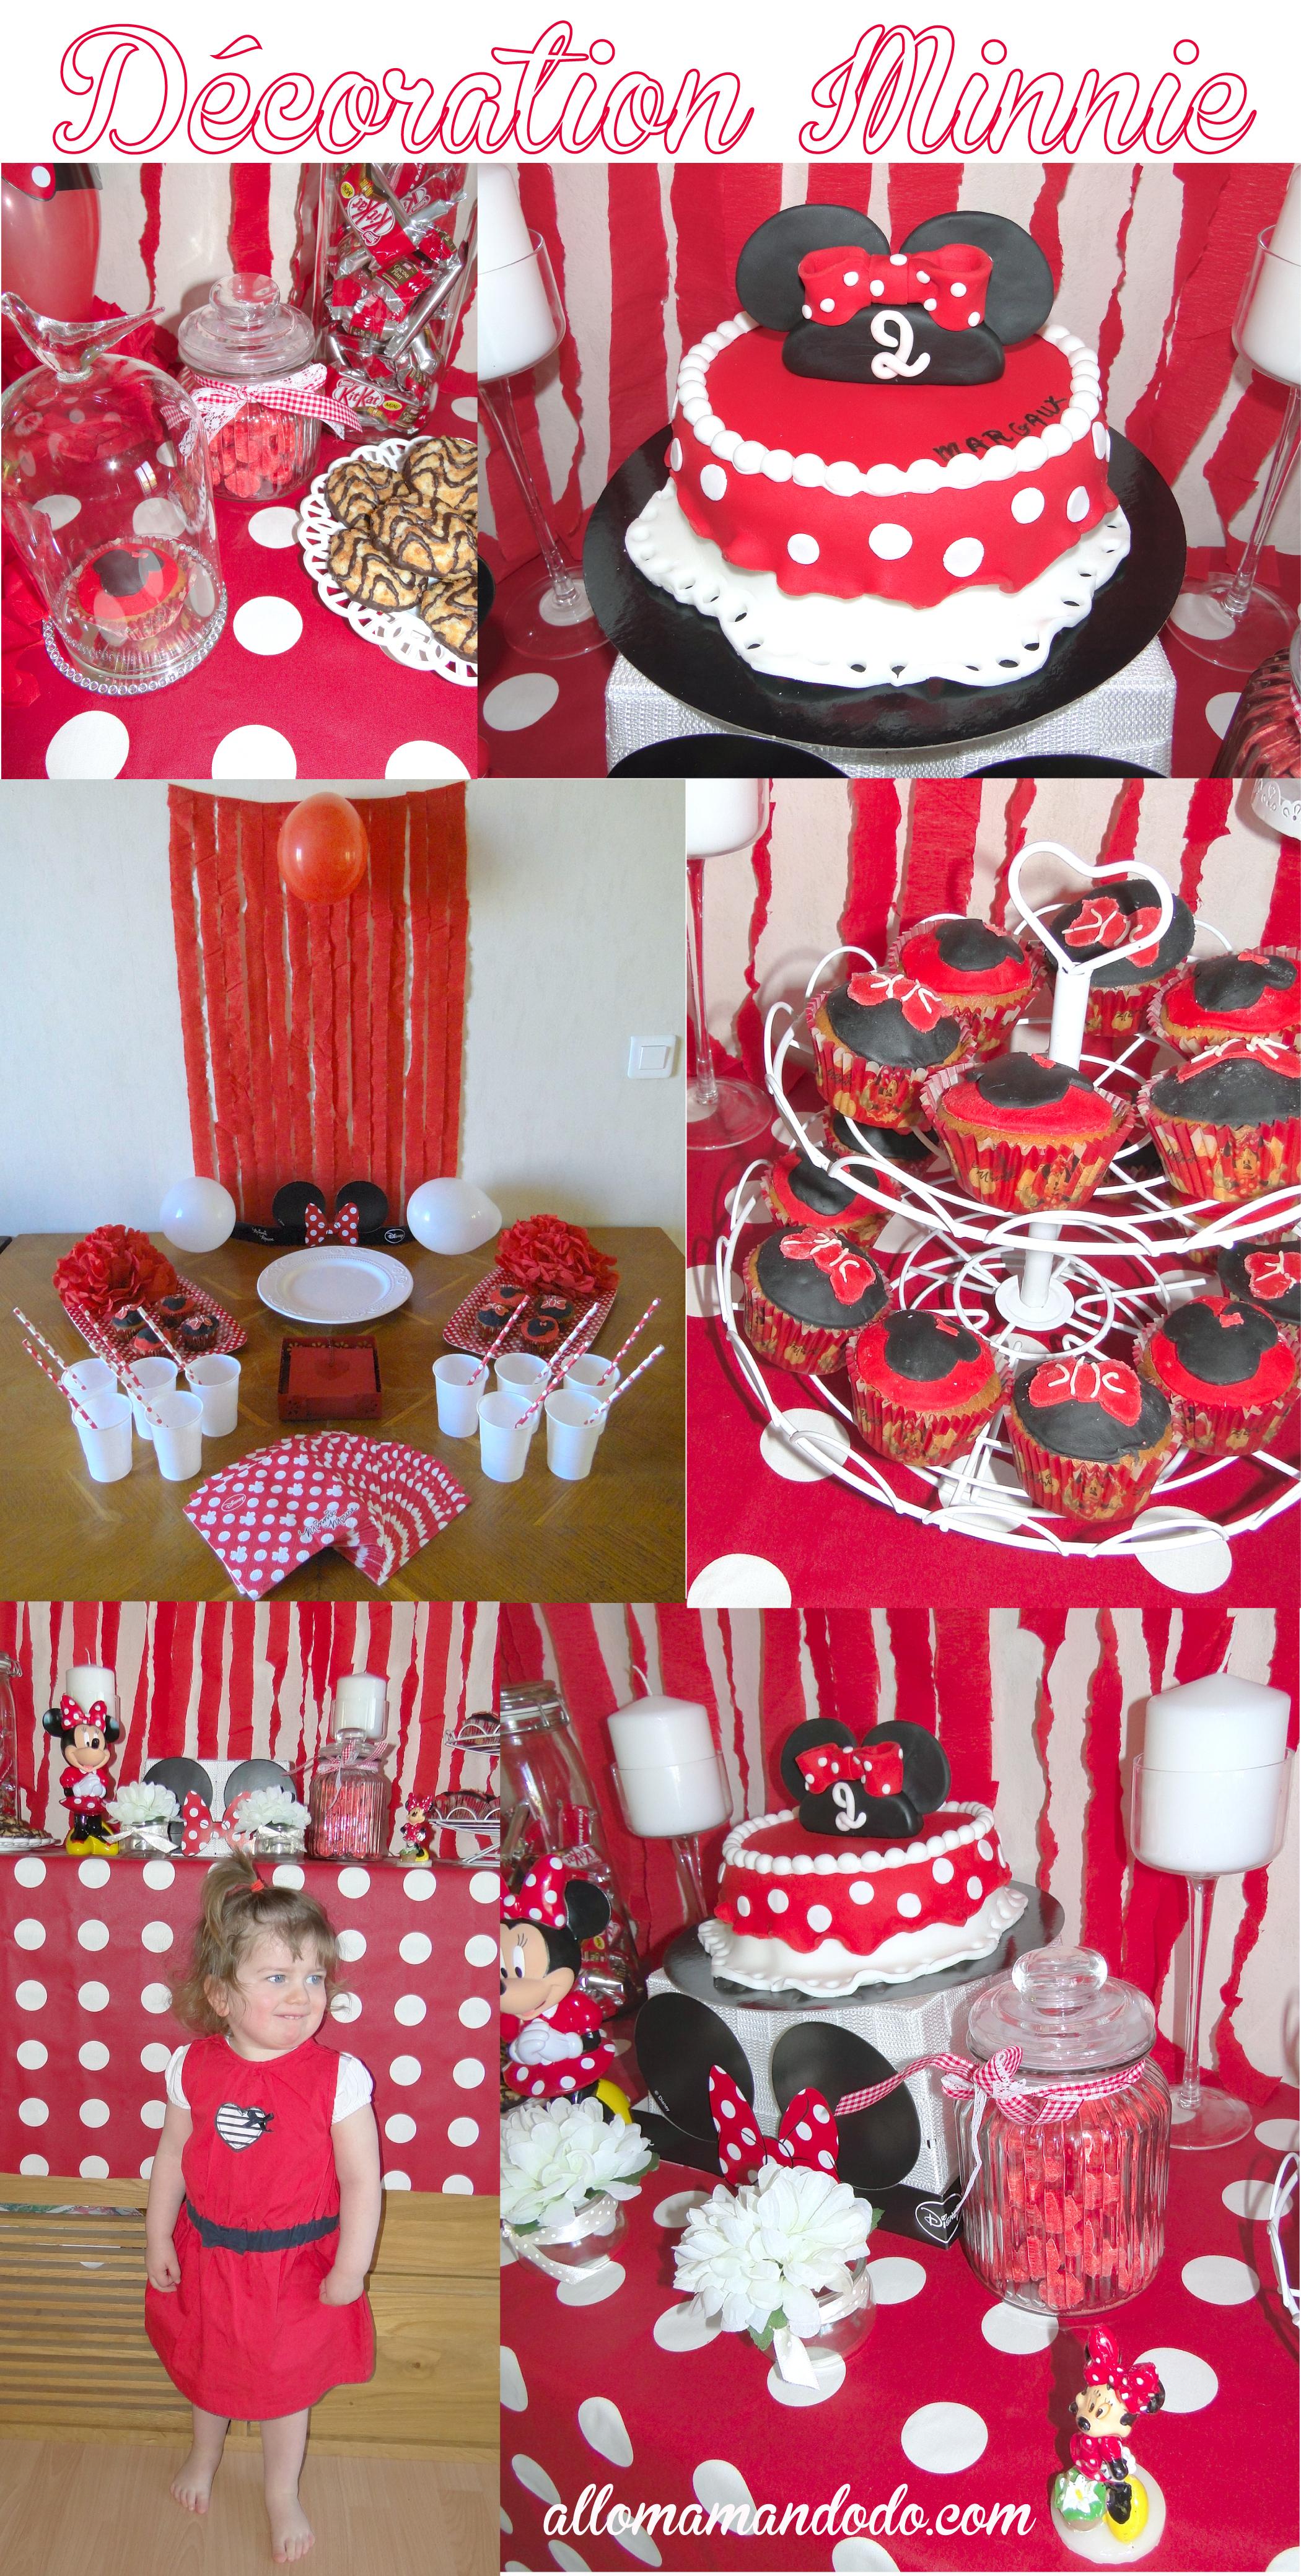 Un Anniversaire Minnie La D Coration De La Sweet Table De Ptitepomme Allo Maman Dodo